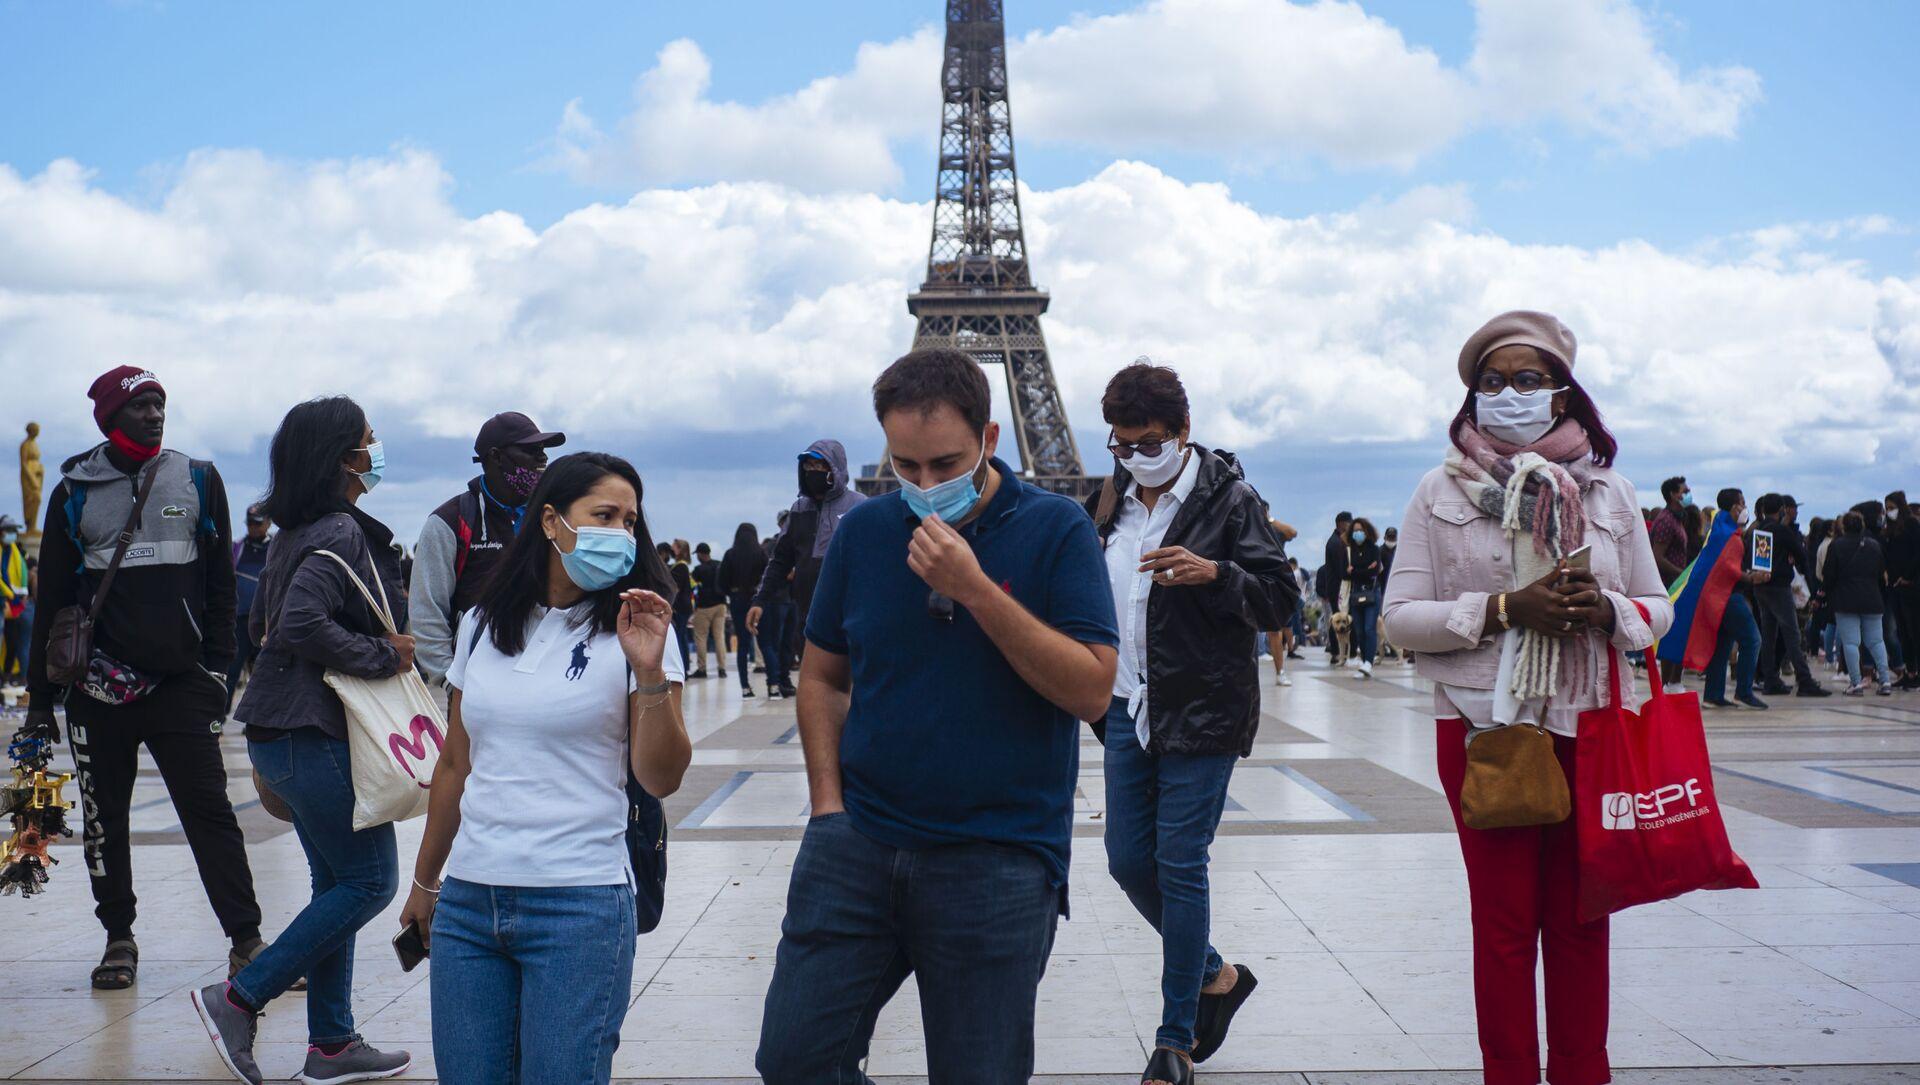 Des personnes portant un masque à Paris  - Sputnik France, 1920, 03.08.2021